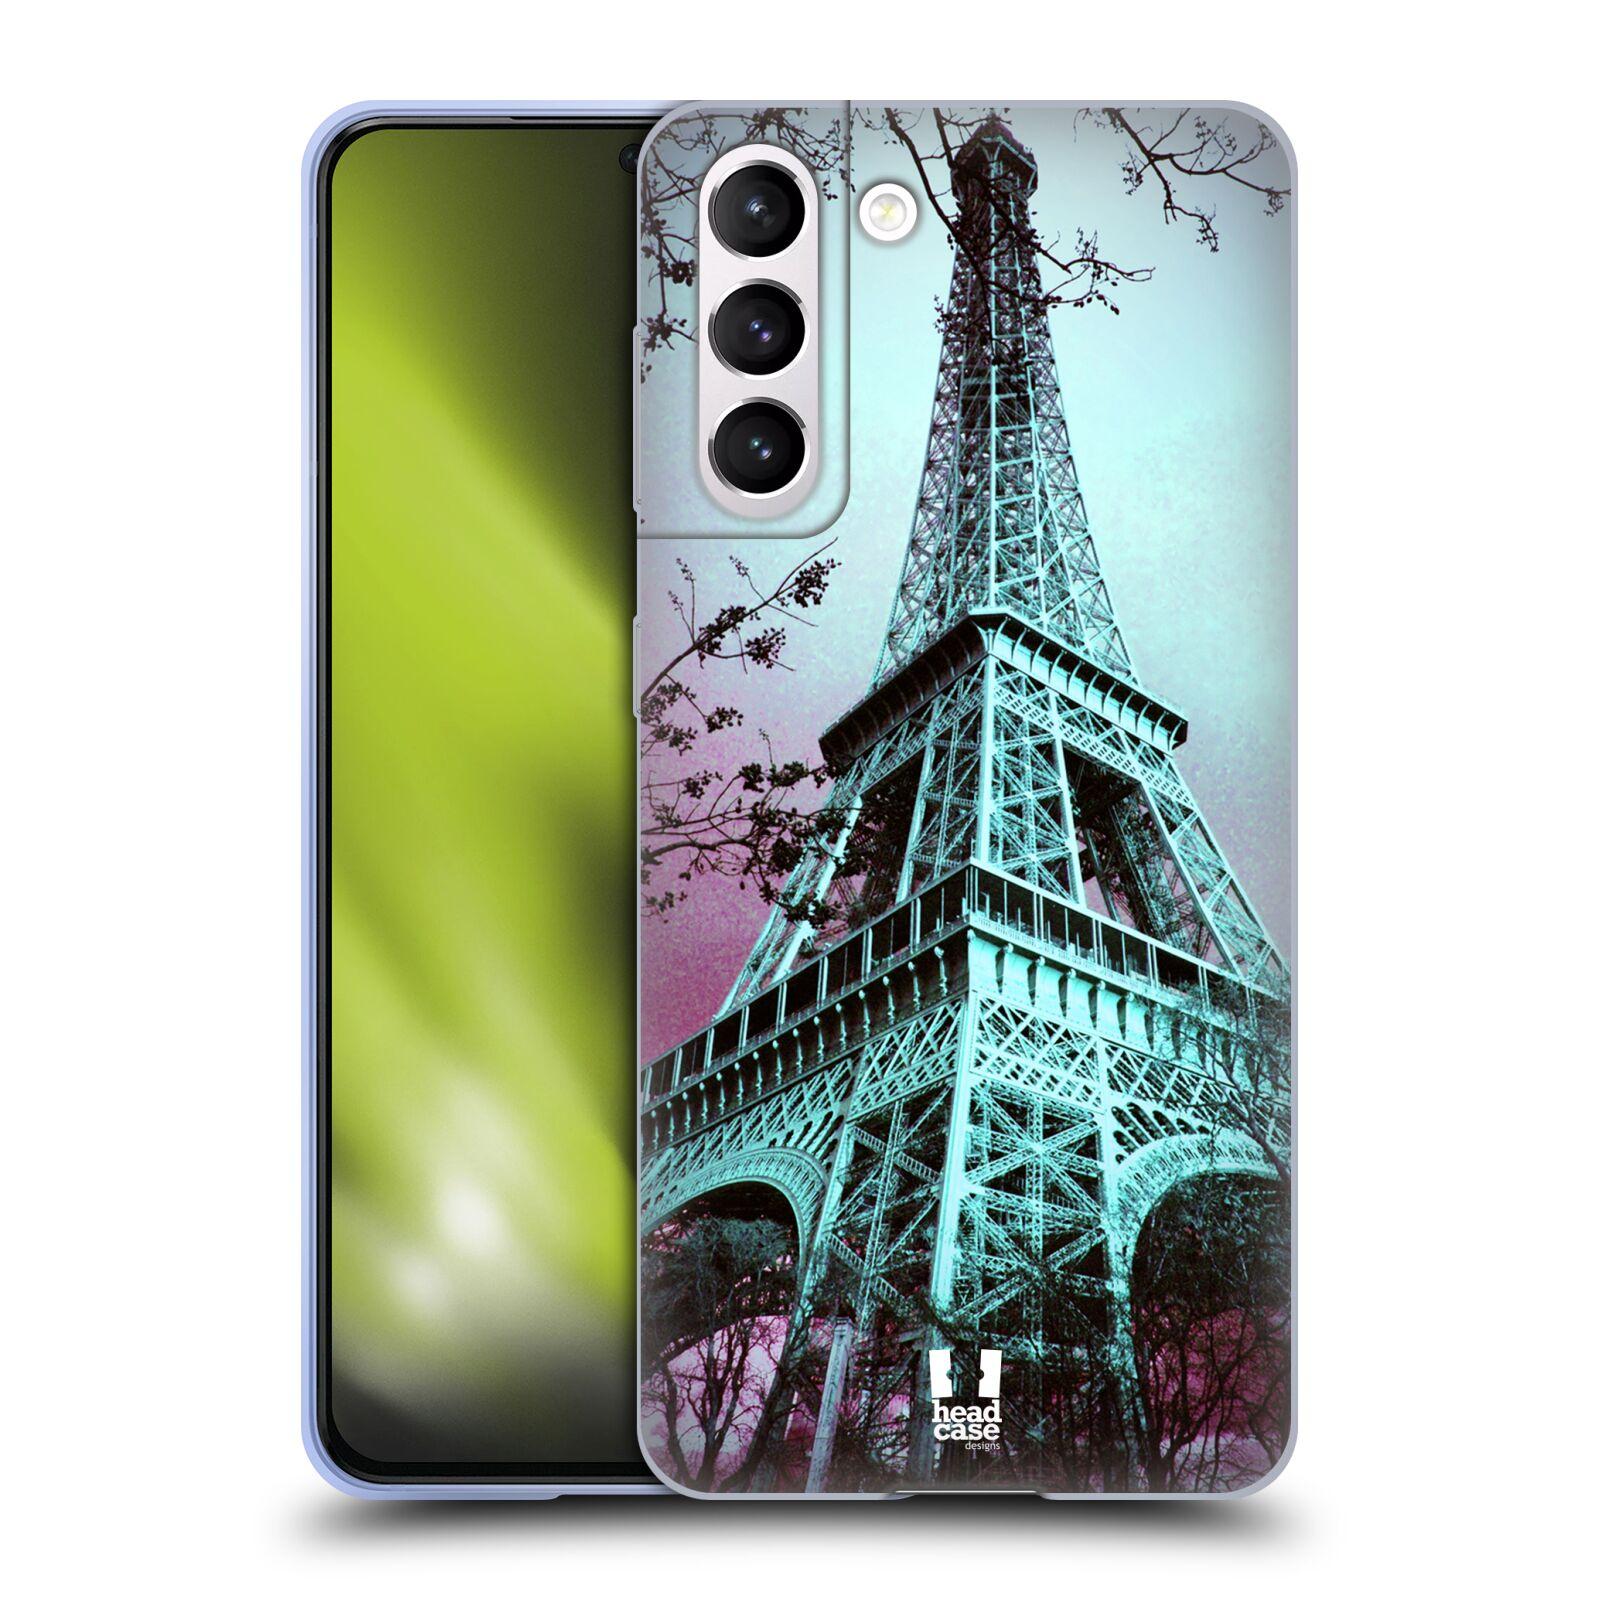 Silikonové pouzdro na mobil Samsung Galaxy S21 5G - Head Case -  RŮŽOVOMODRÁ AIFELOVKA